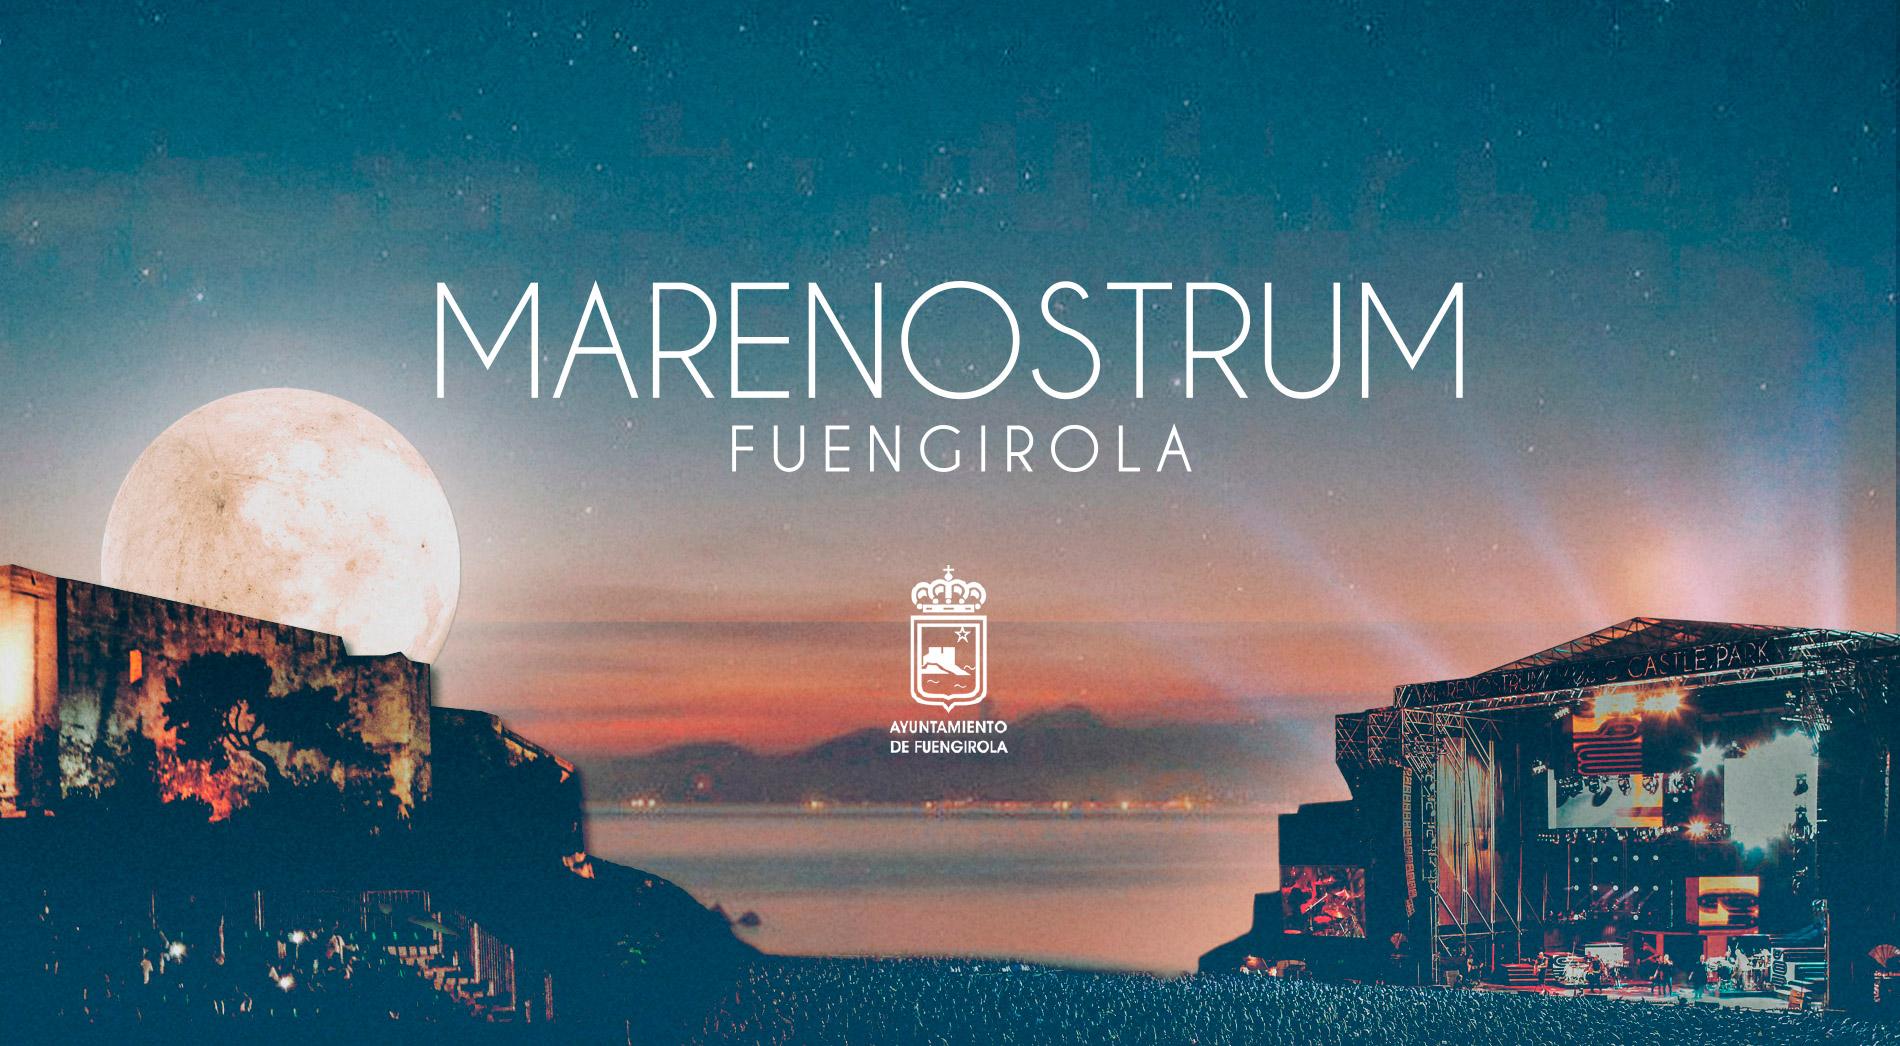 Marenostrum Fuengirola 2021 -22